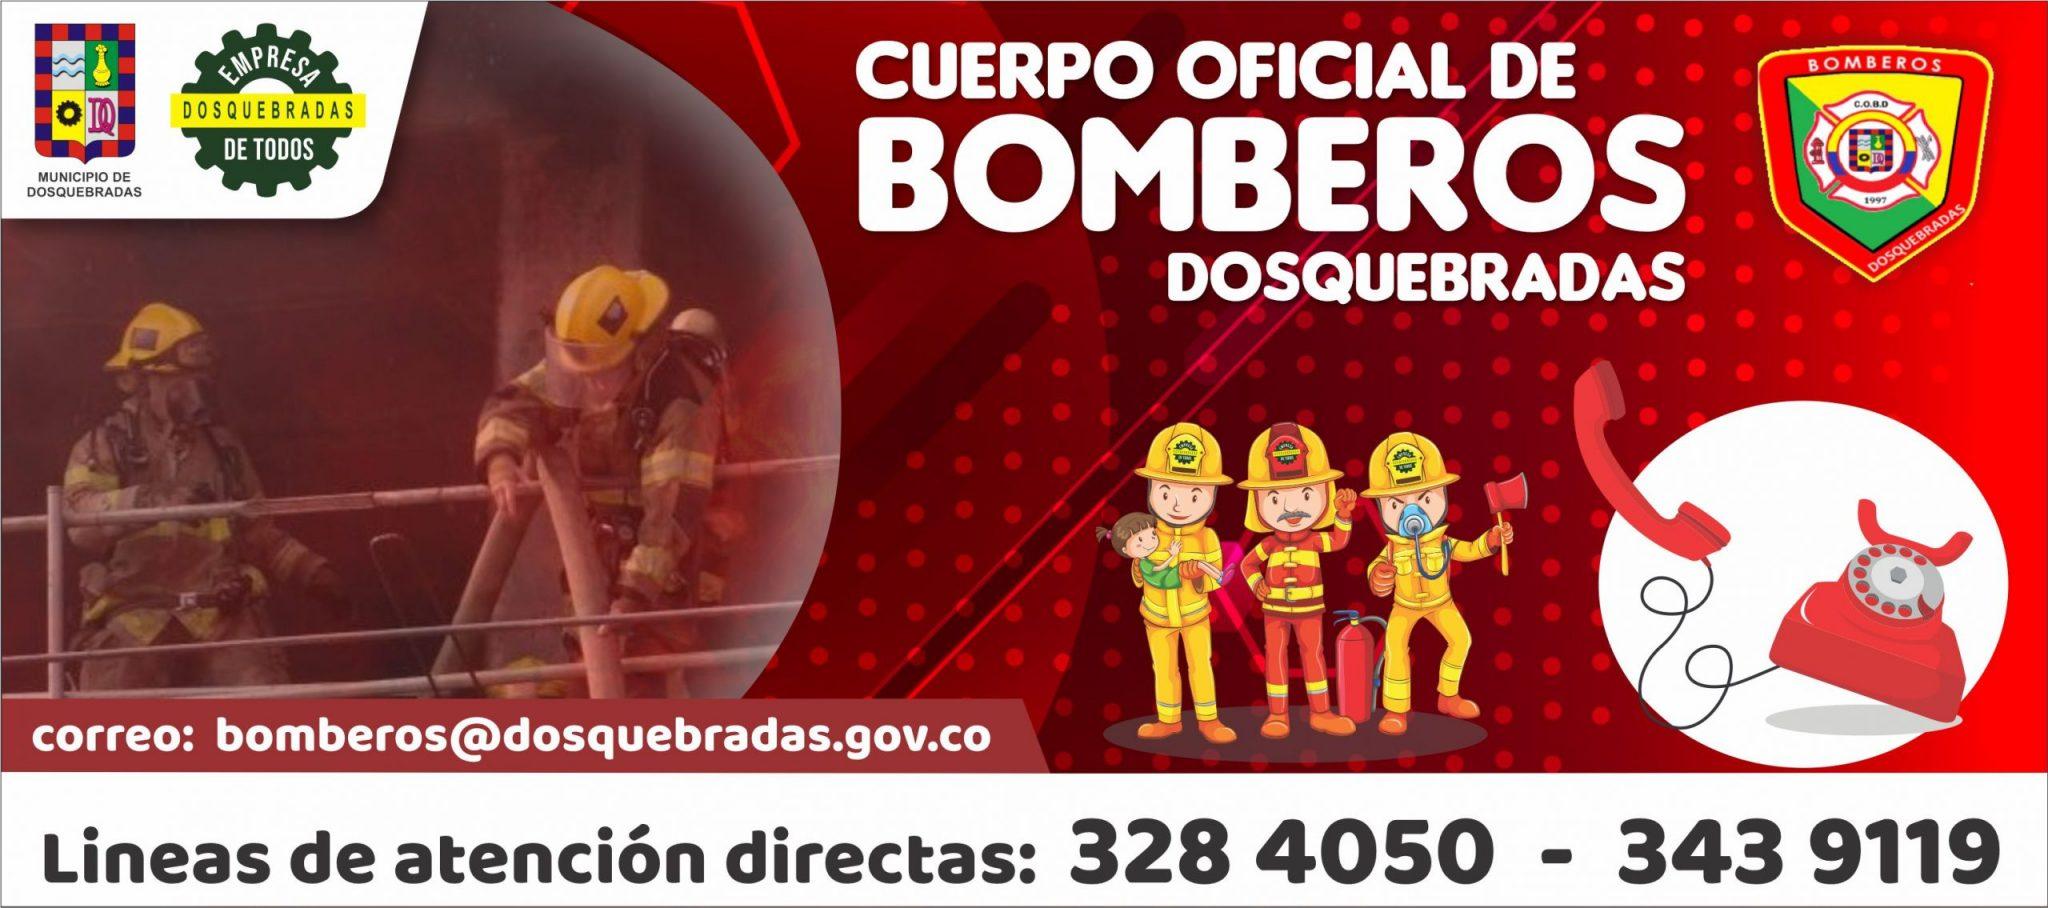 Líneas de atención 3284050 - 3439119